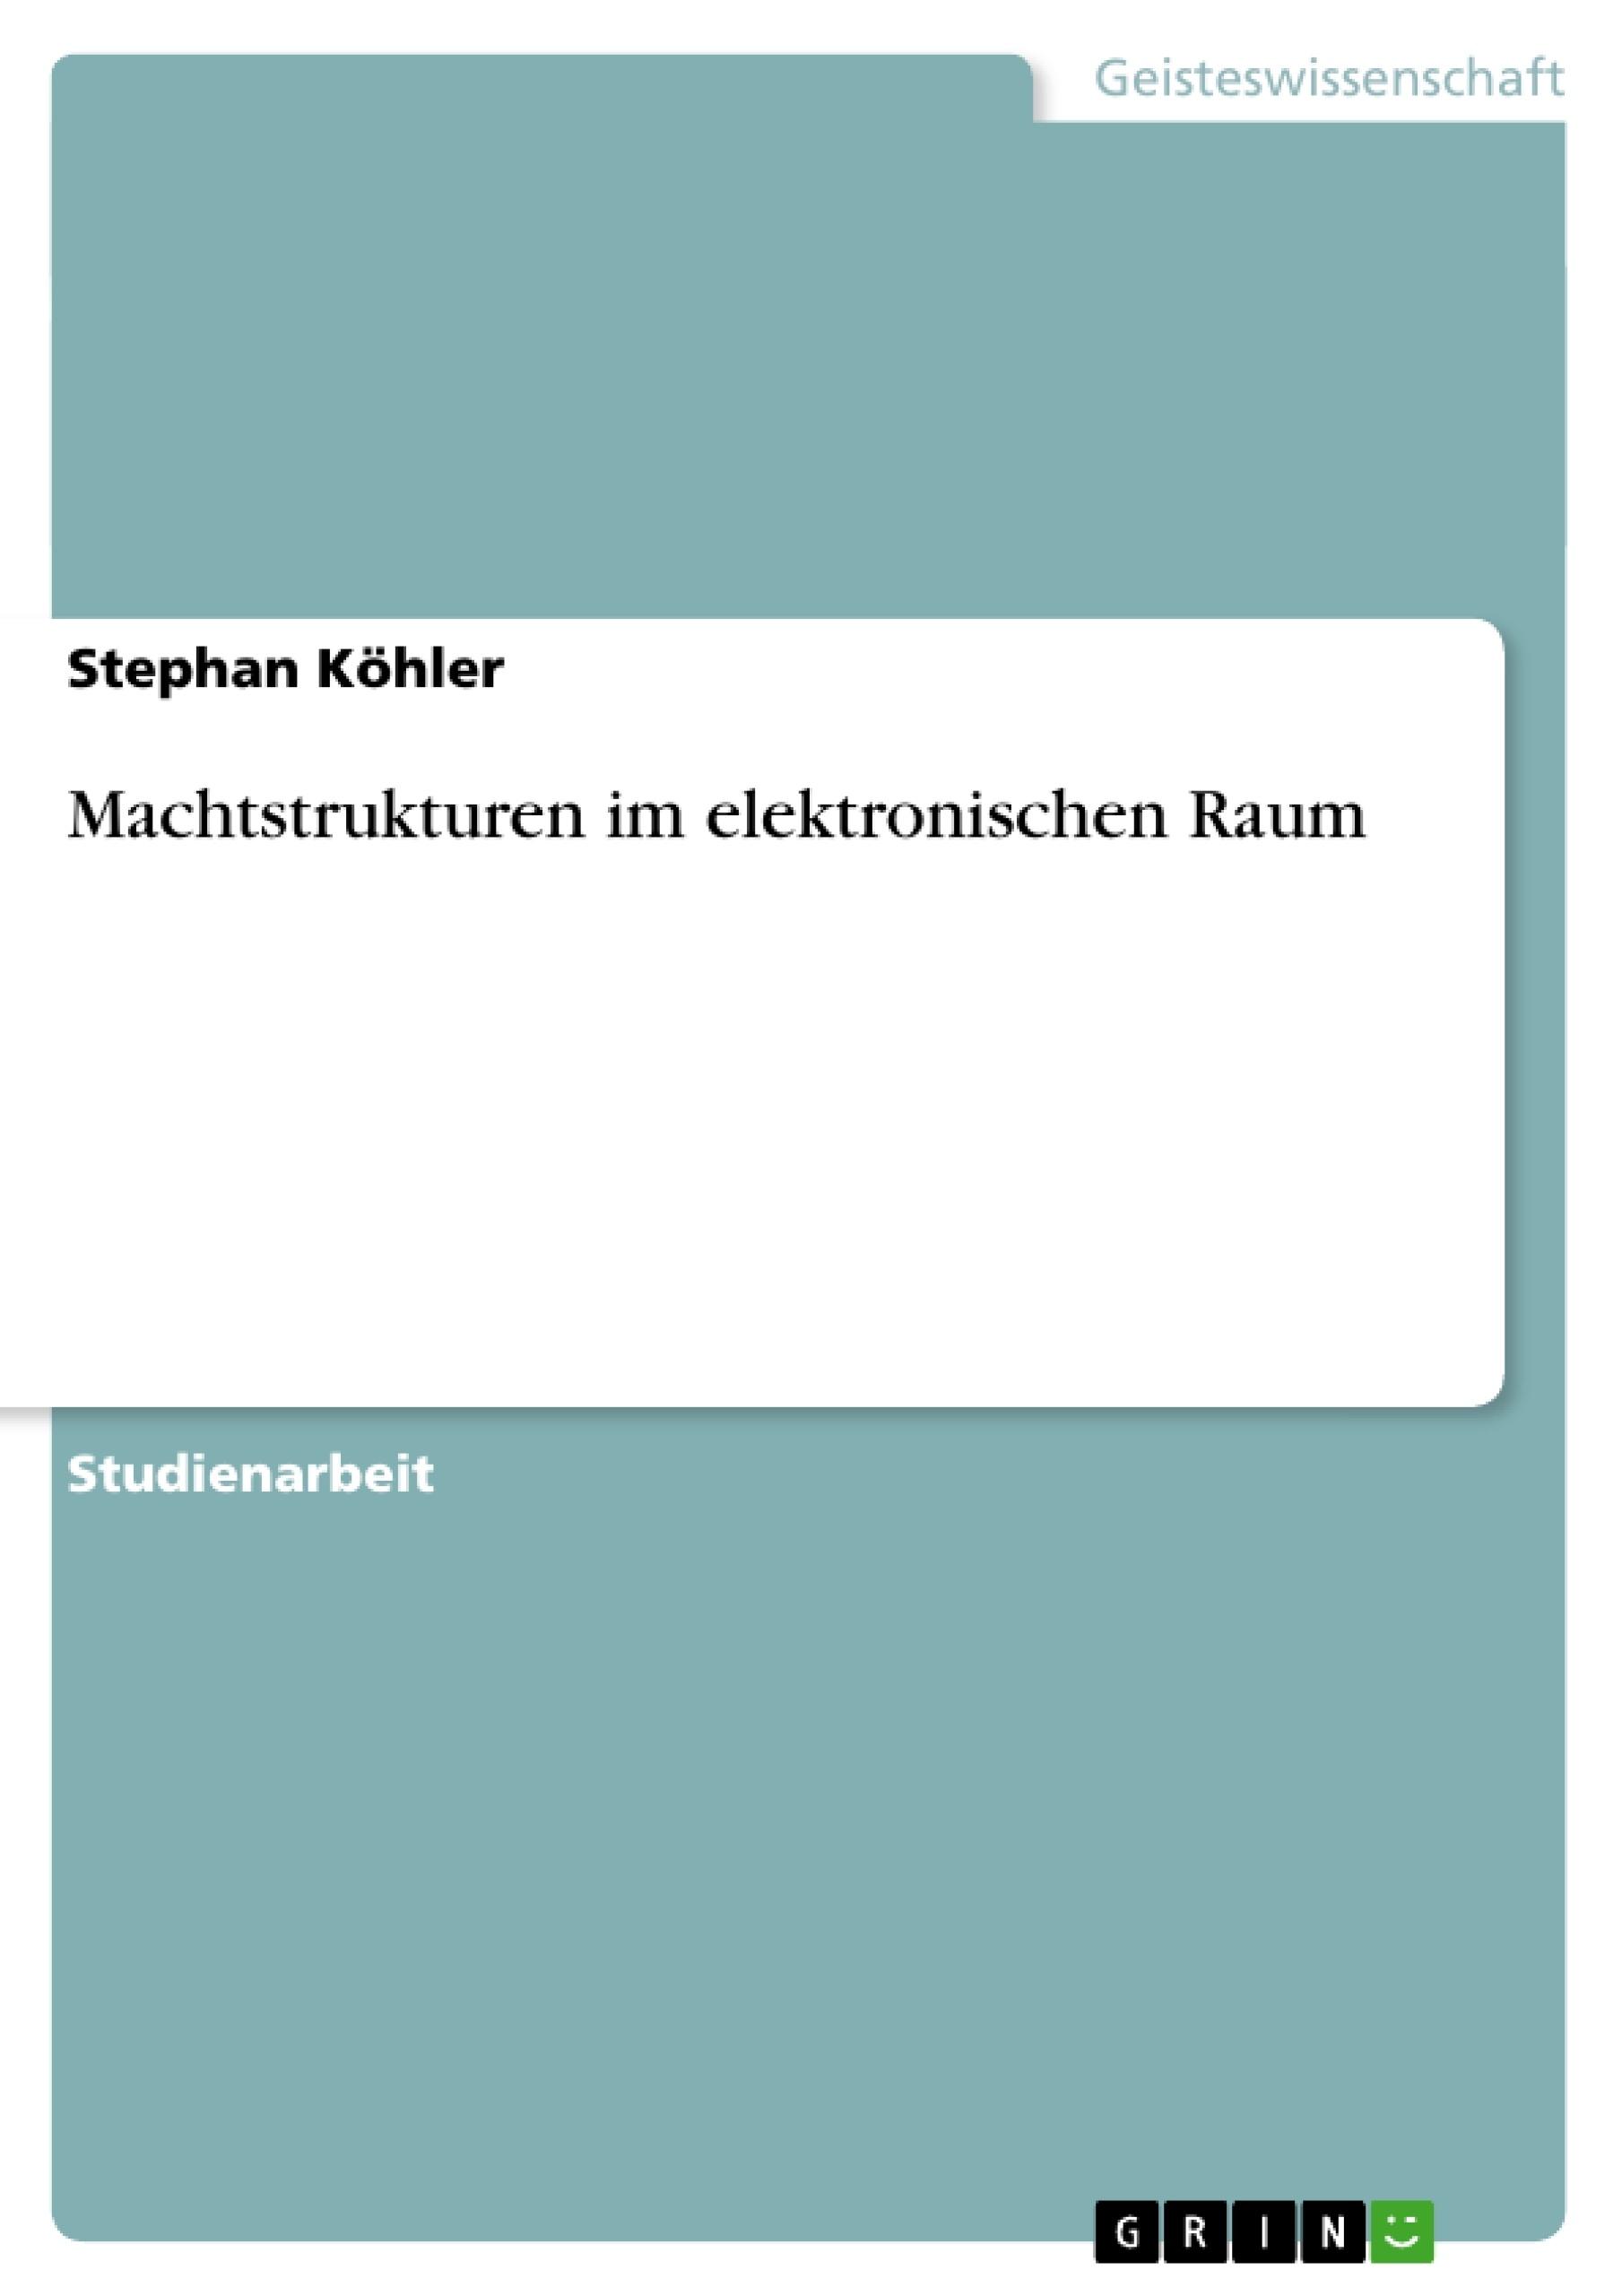 Titel: Machtstrukturen im elektronischen Raum